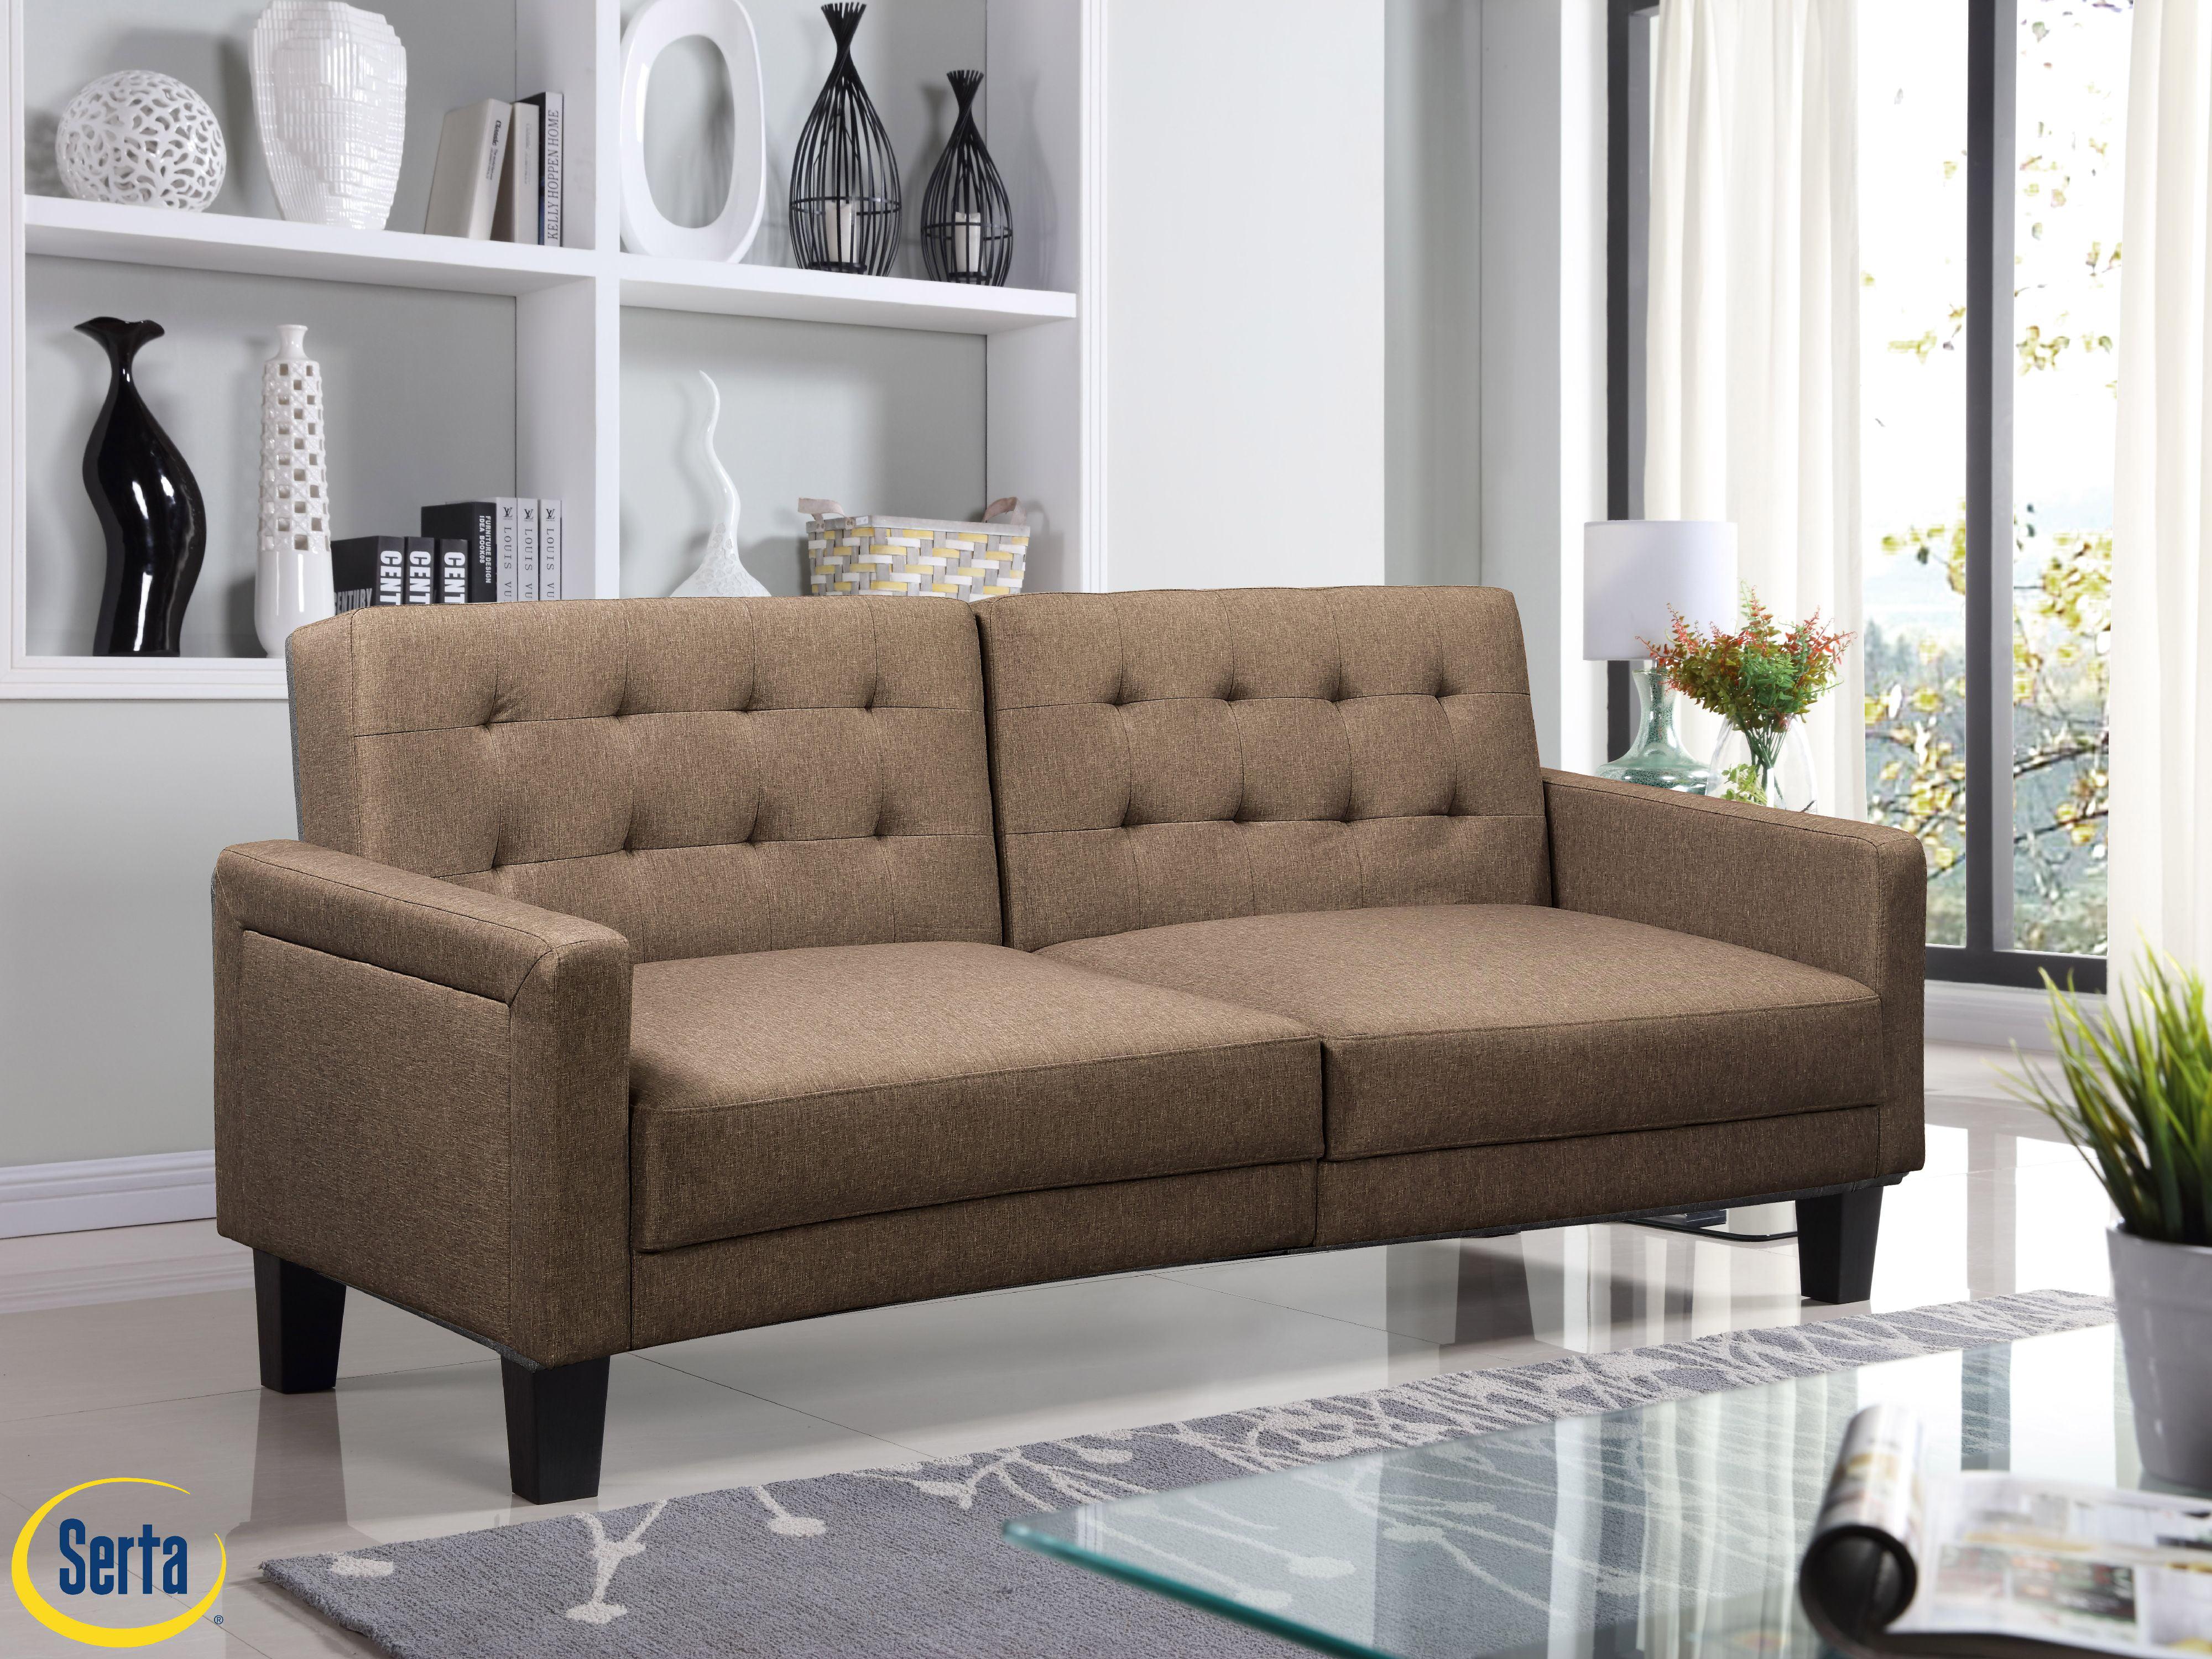 Serta Tivoli Sofa Bed Sand